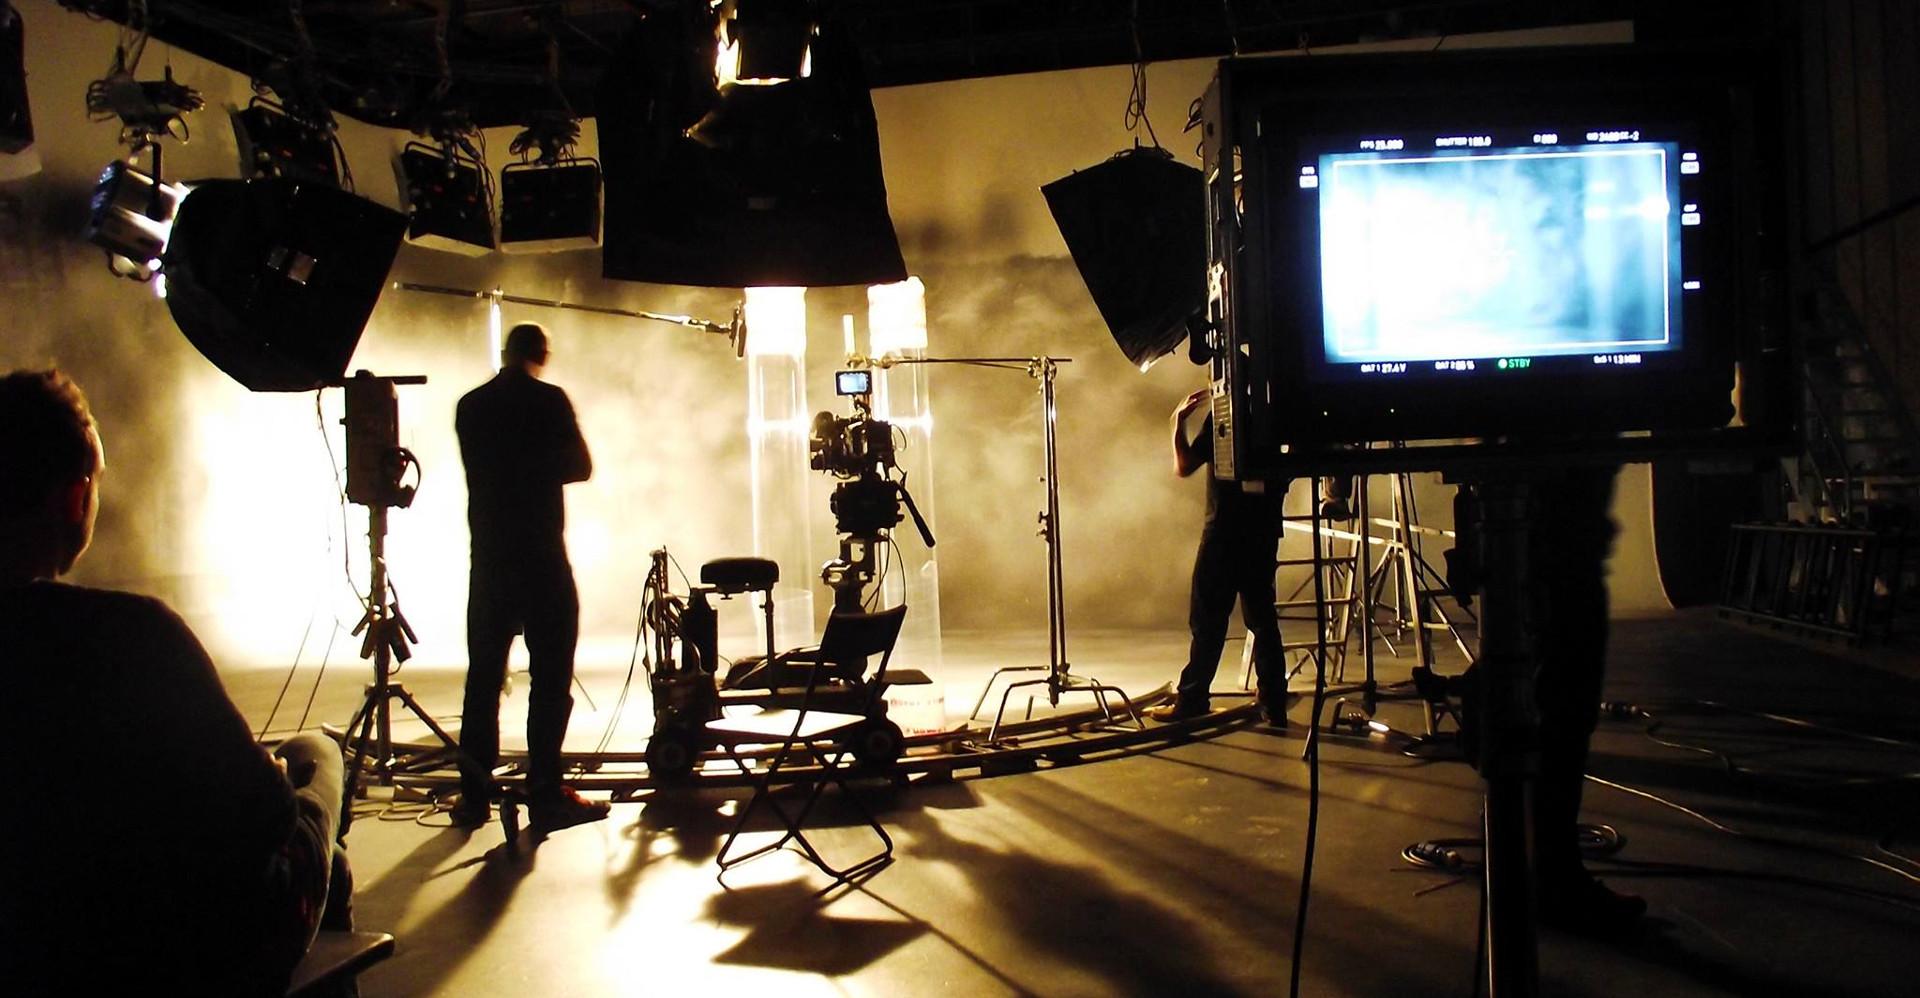 La squadra di Arance Meccaniche sul set di un film